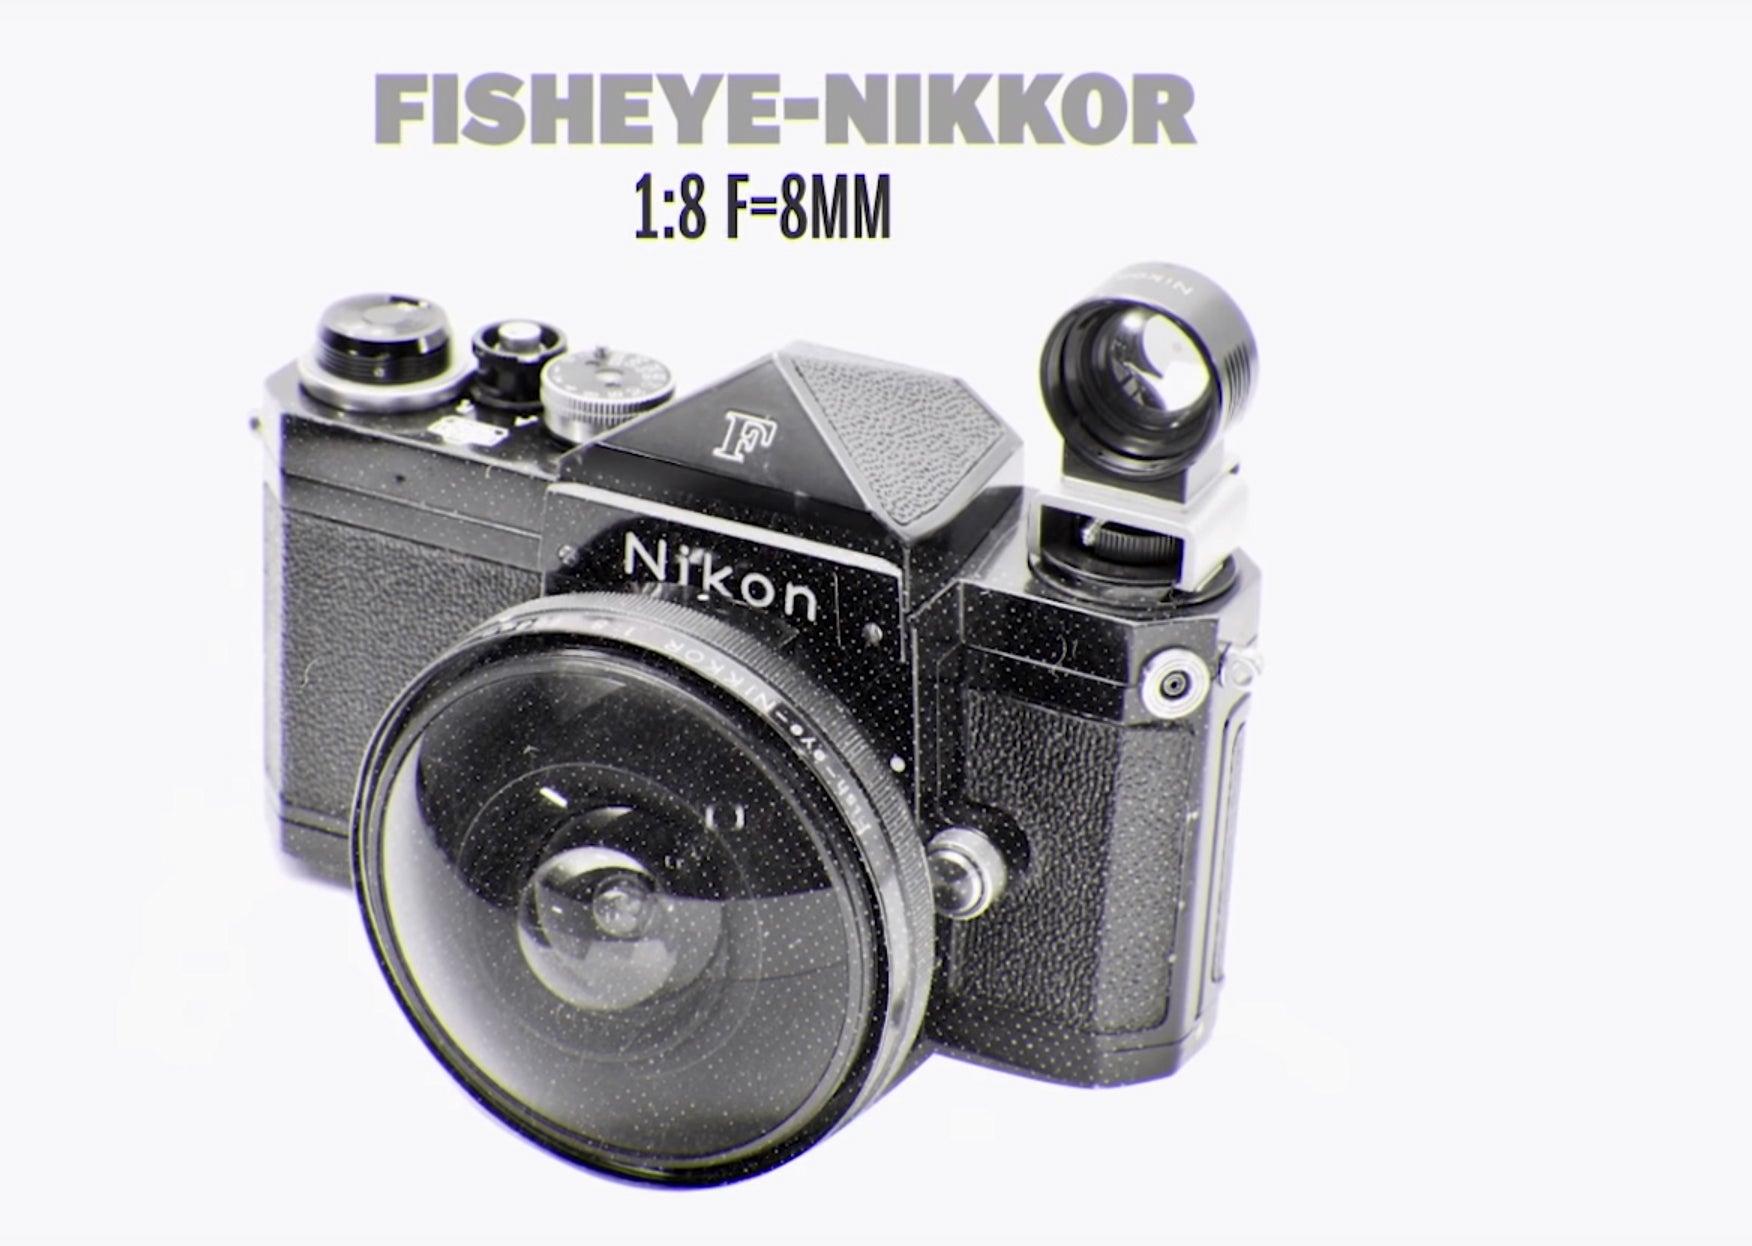 Nikon fisheye lens